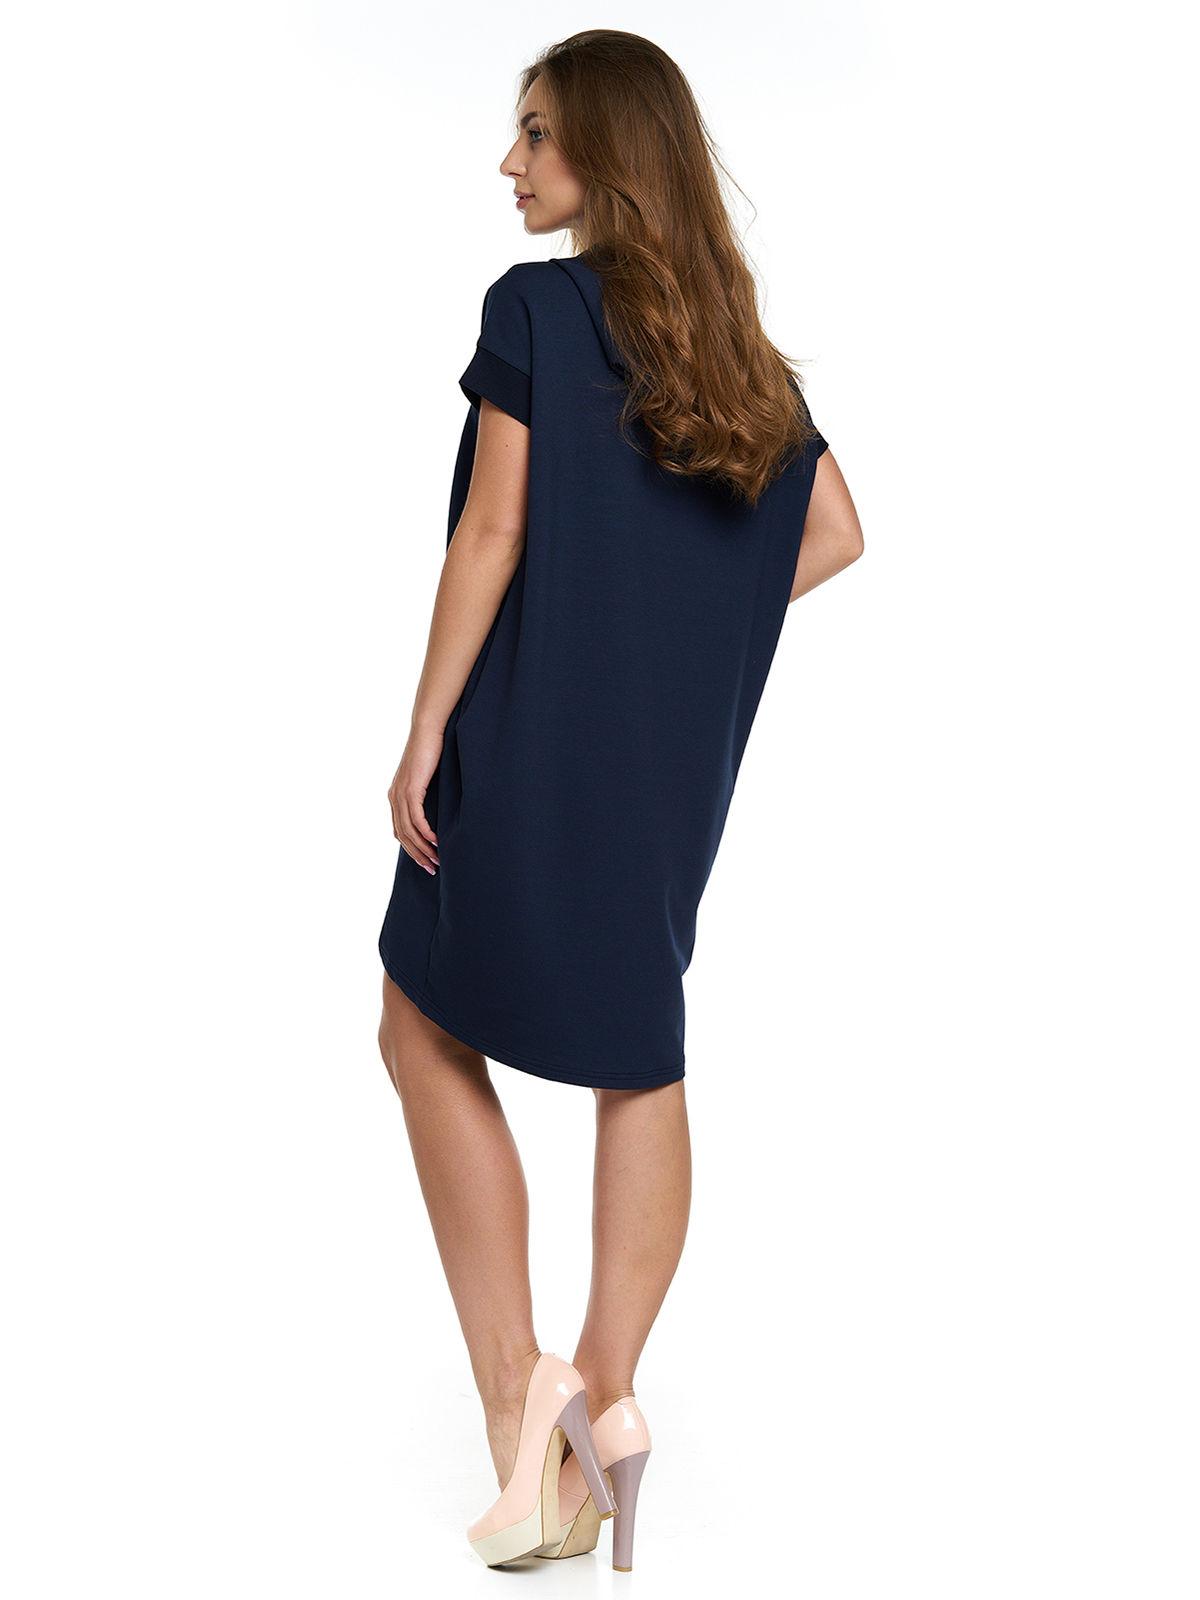 Сукня синя з принтом | 3299628 | фото 2